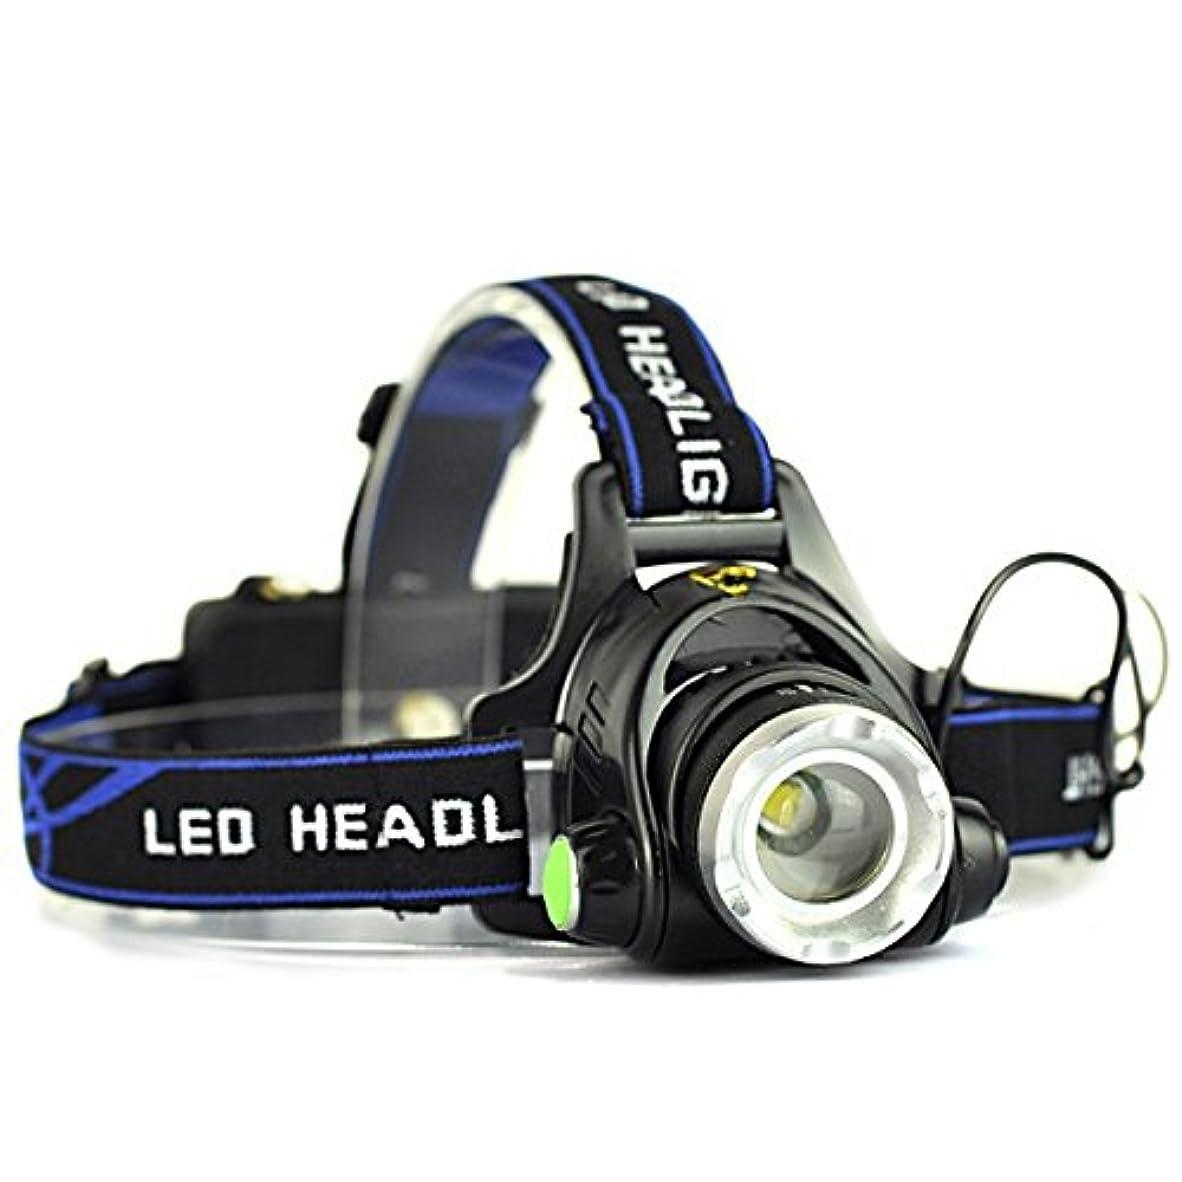 省略グリップ必須LED強力ヘッドランプ 明るさ1000ルーメン 電球 3つの点灯モードheadlight  ズーム機能付きスポットライト 角度調整 防水作業用、キャンプ用 便利 [並行輸入品]